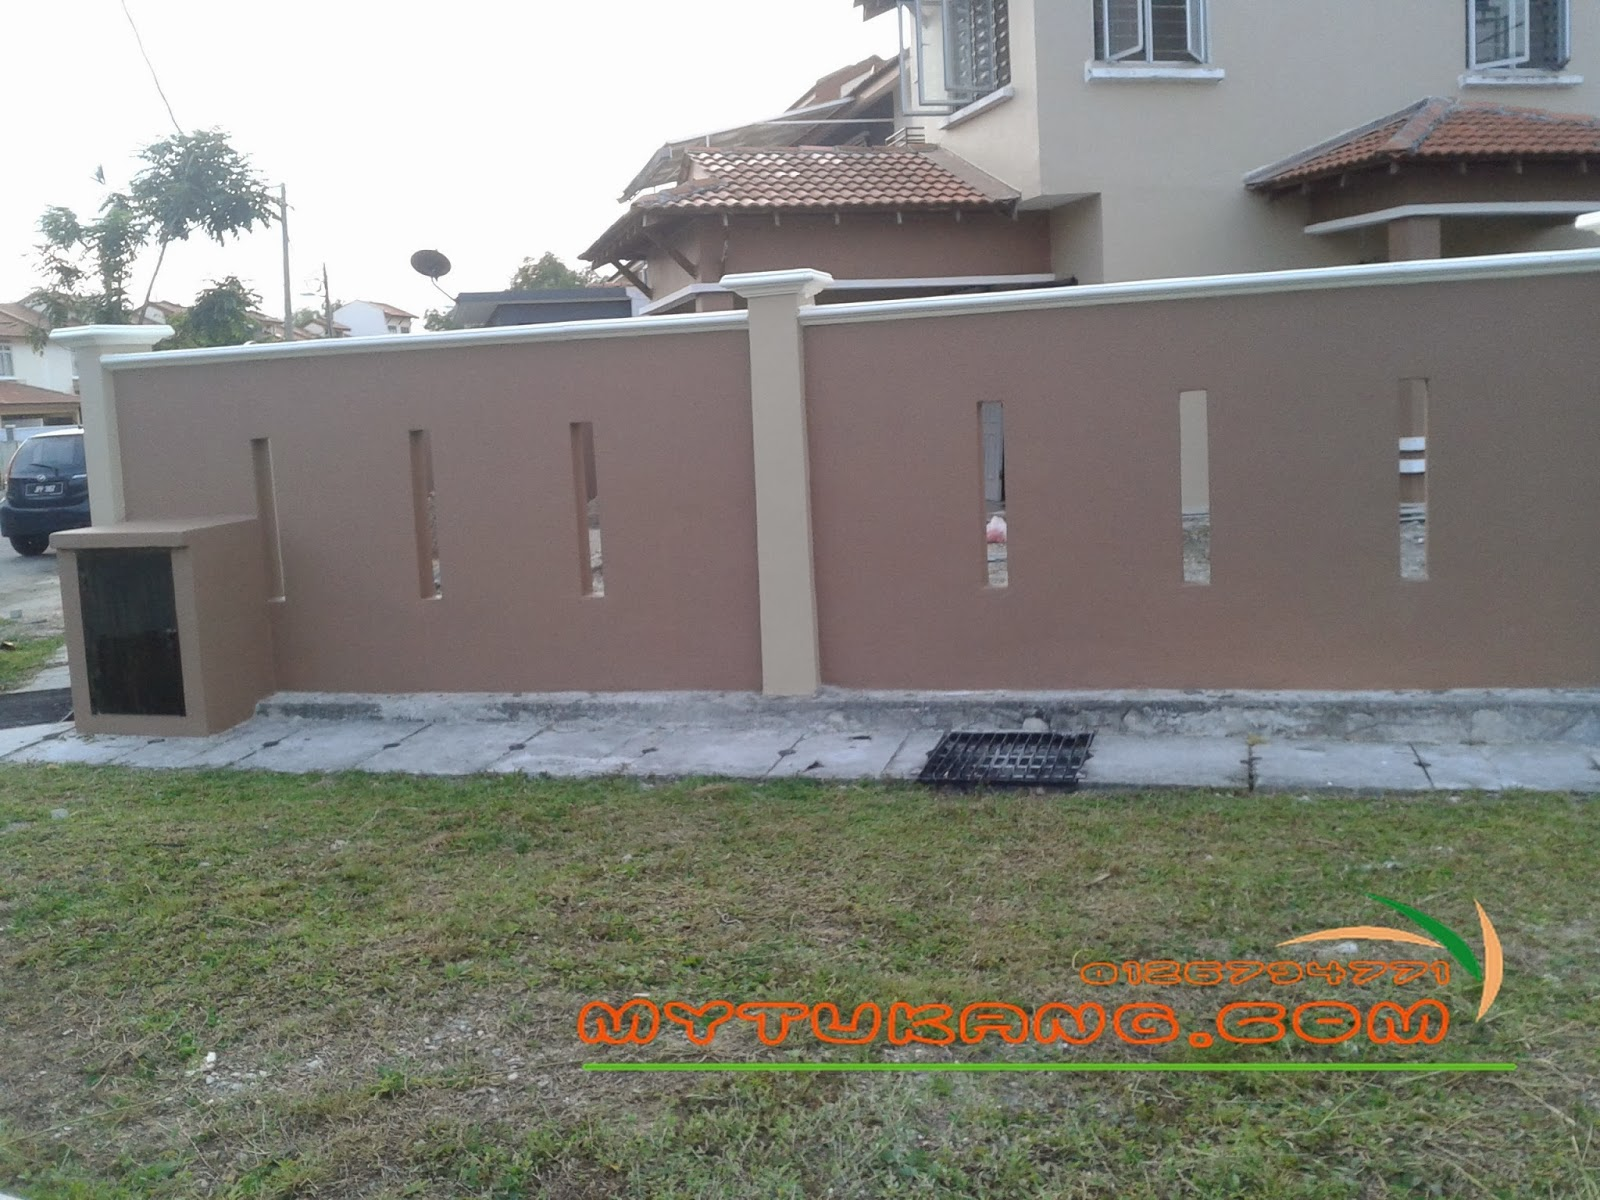 Ubahsuai Rumah Teres 2 Tingkat Di La Cottage Putra Perdana Budi Renovation Berpengalaman Bina Dan